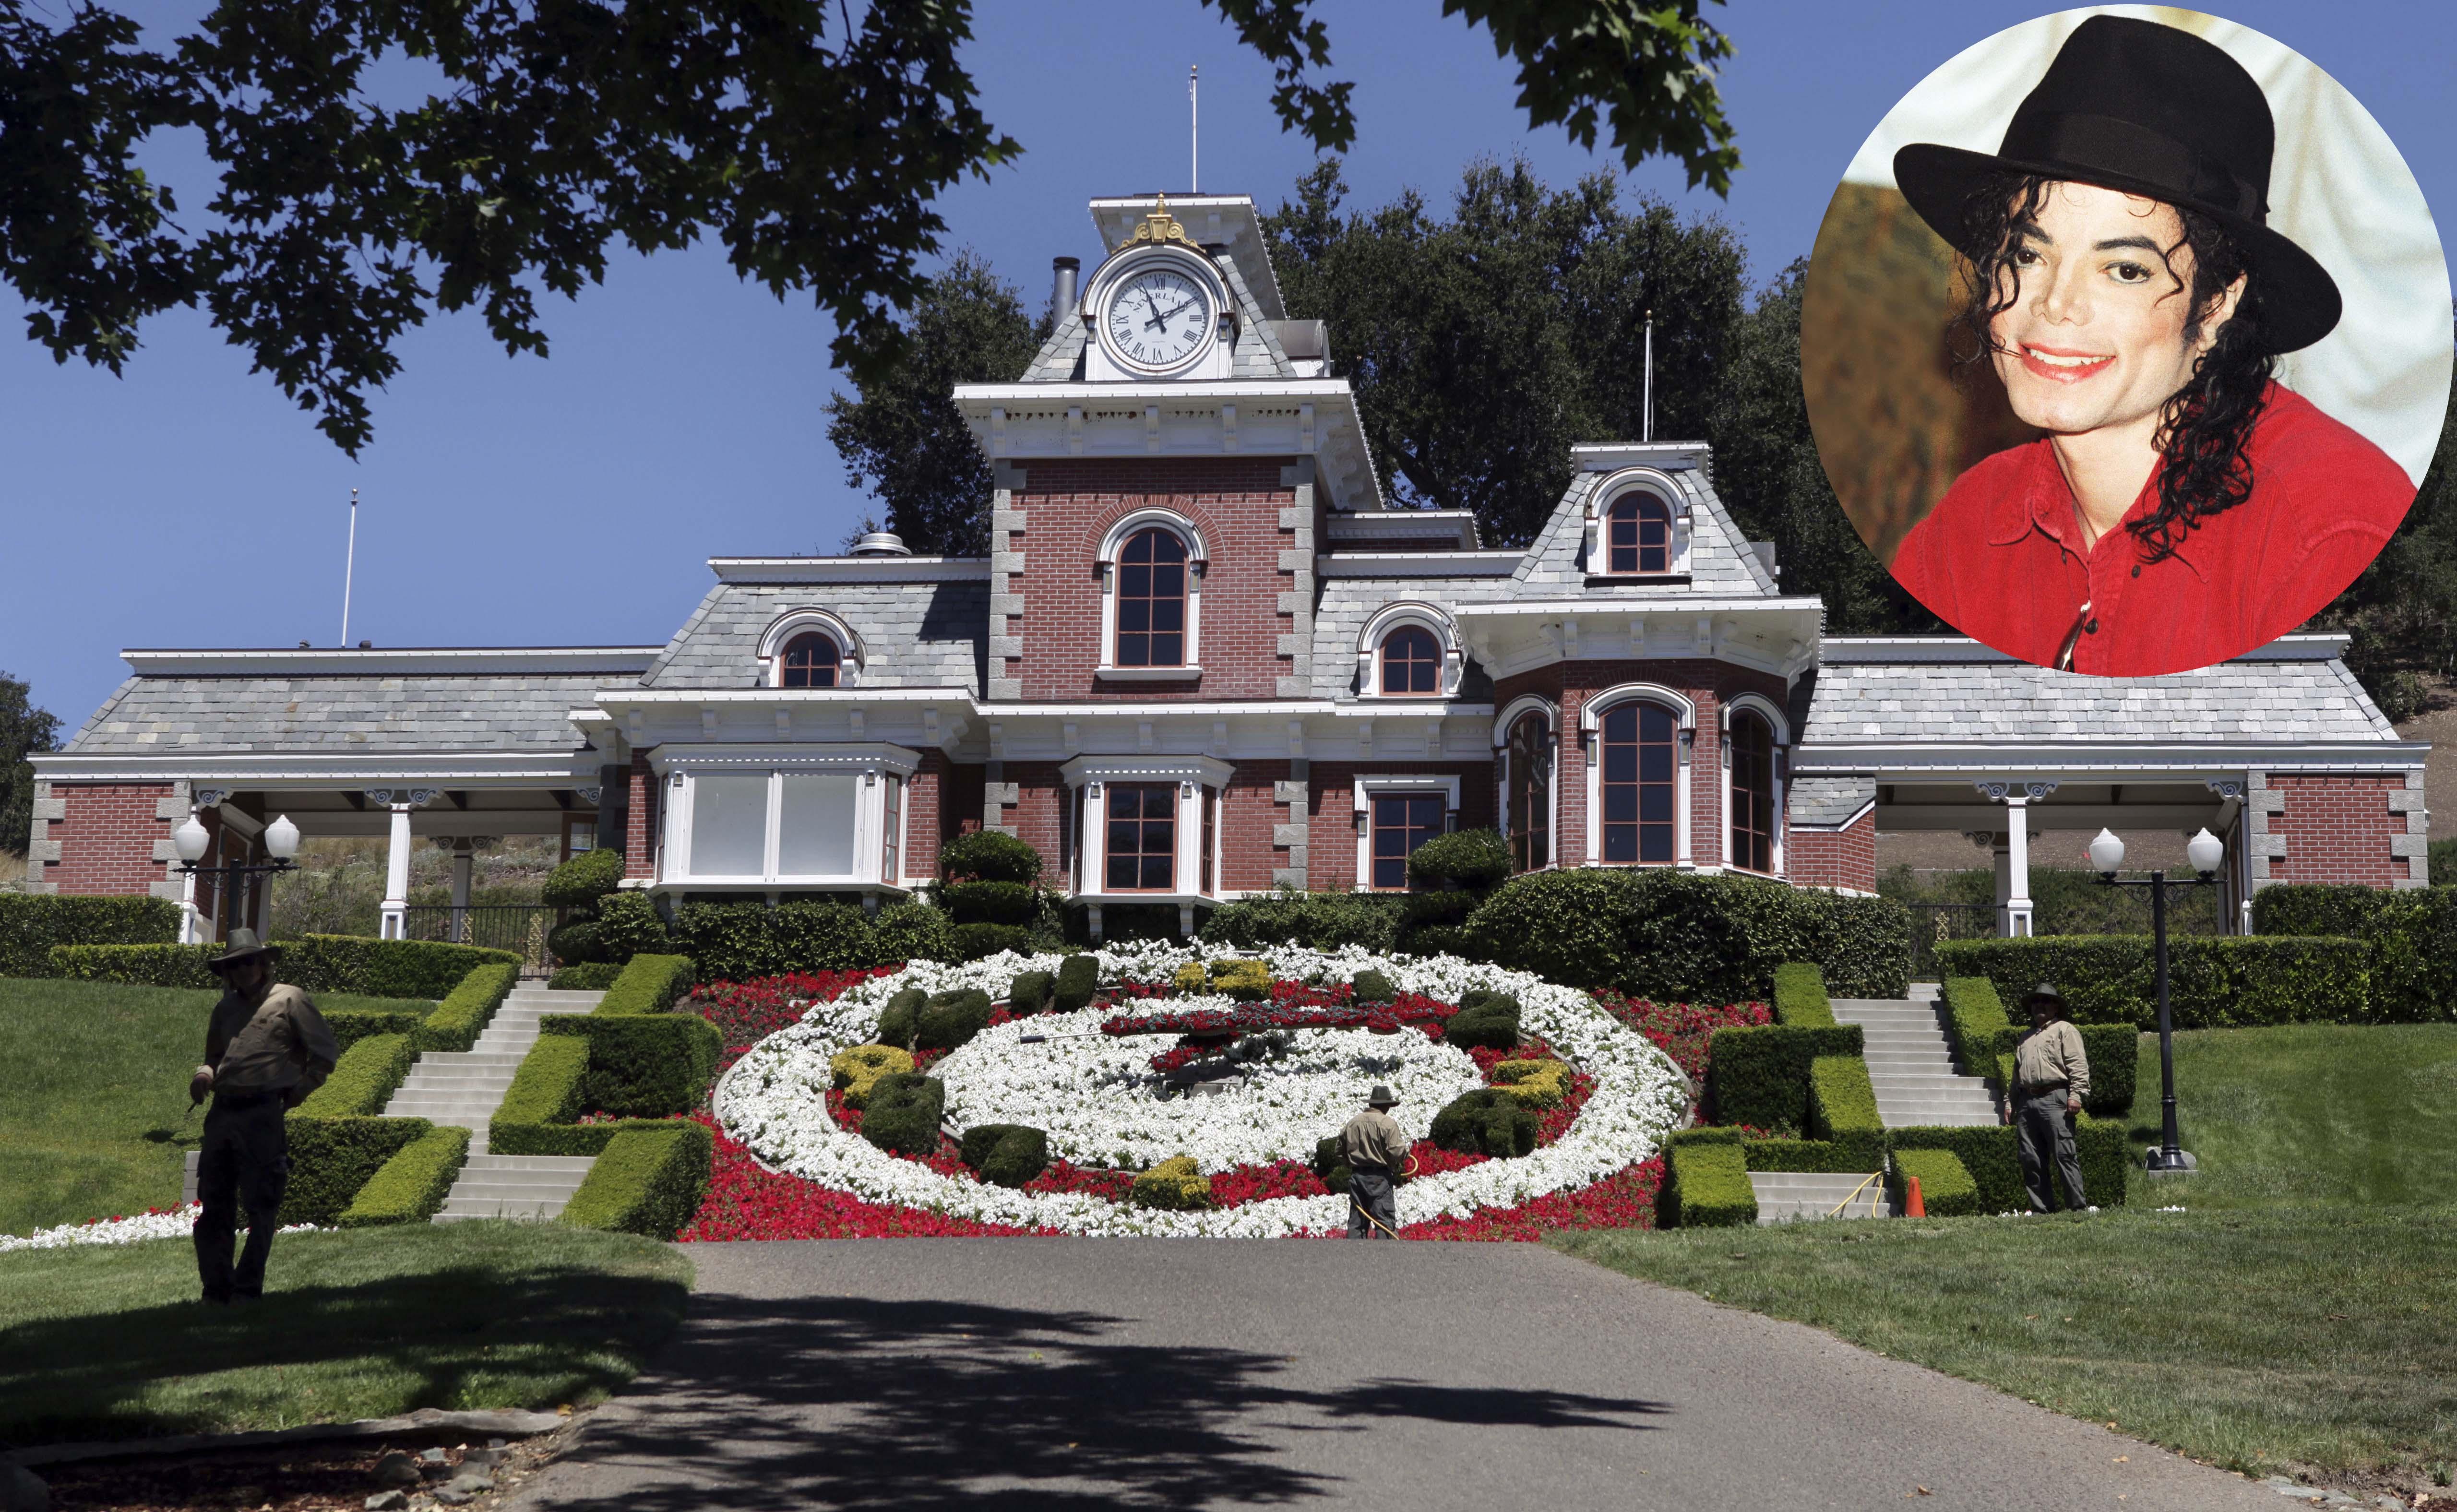 Rebajan más de 30 mdd el famoso rancho Neverland de Michael Jackson